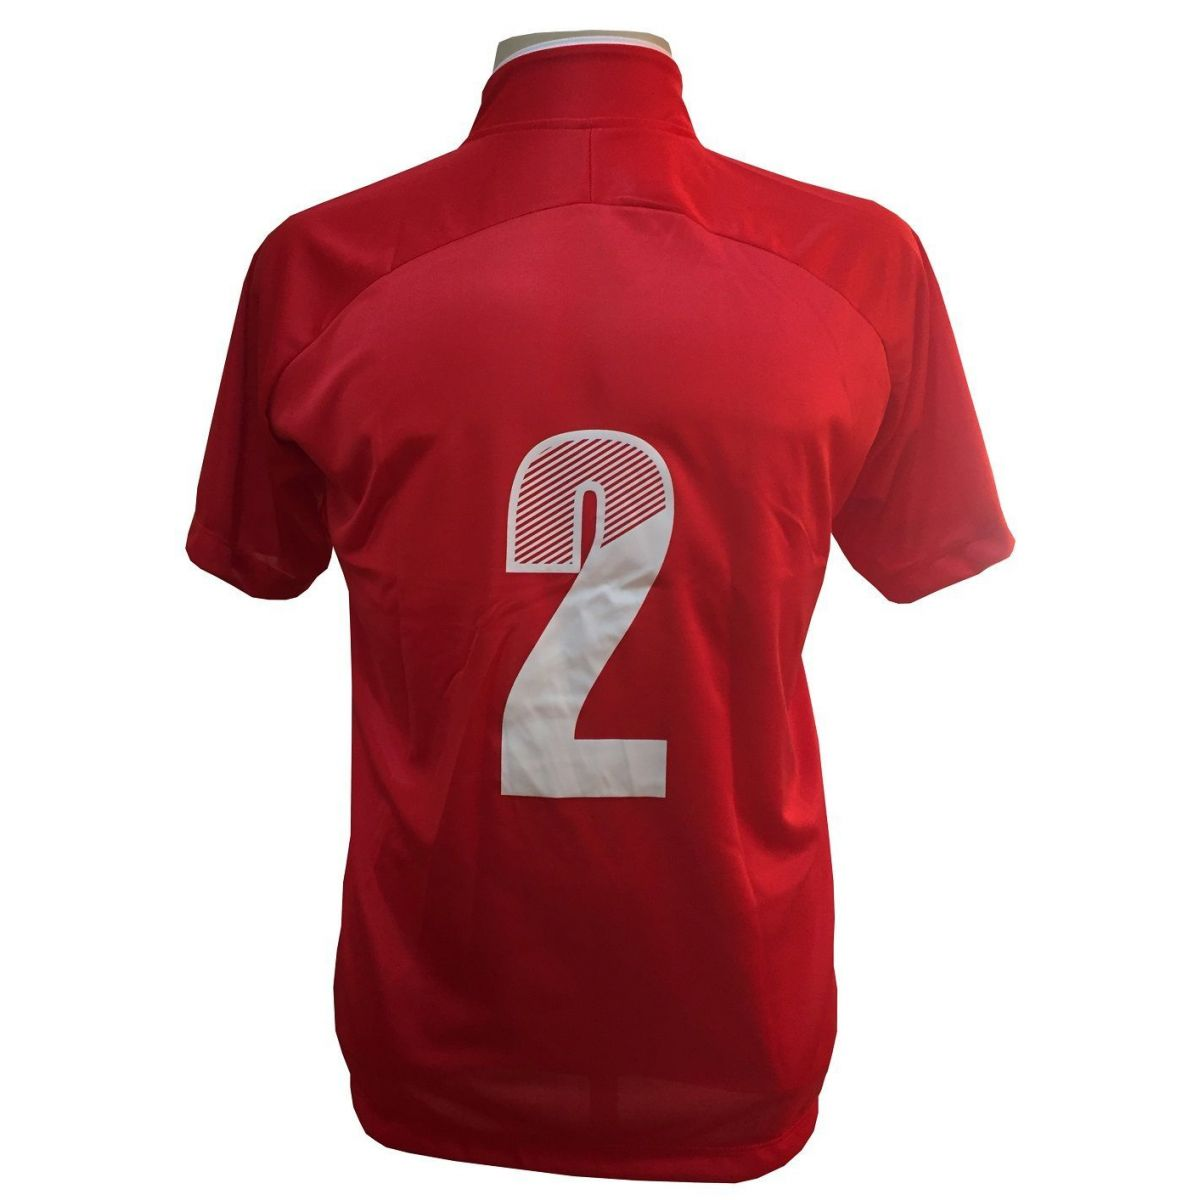 Fardamento Completo modelo City 18+1 (18 Camisas Vermelho/Preto + 18 Calções Madrid Vermelho + 18 Pares de Meiões Vermelhos + 1 Conjunto de Goleiro) + Brindes